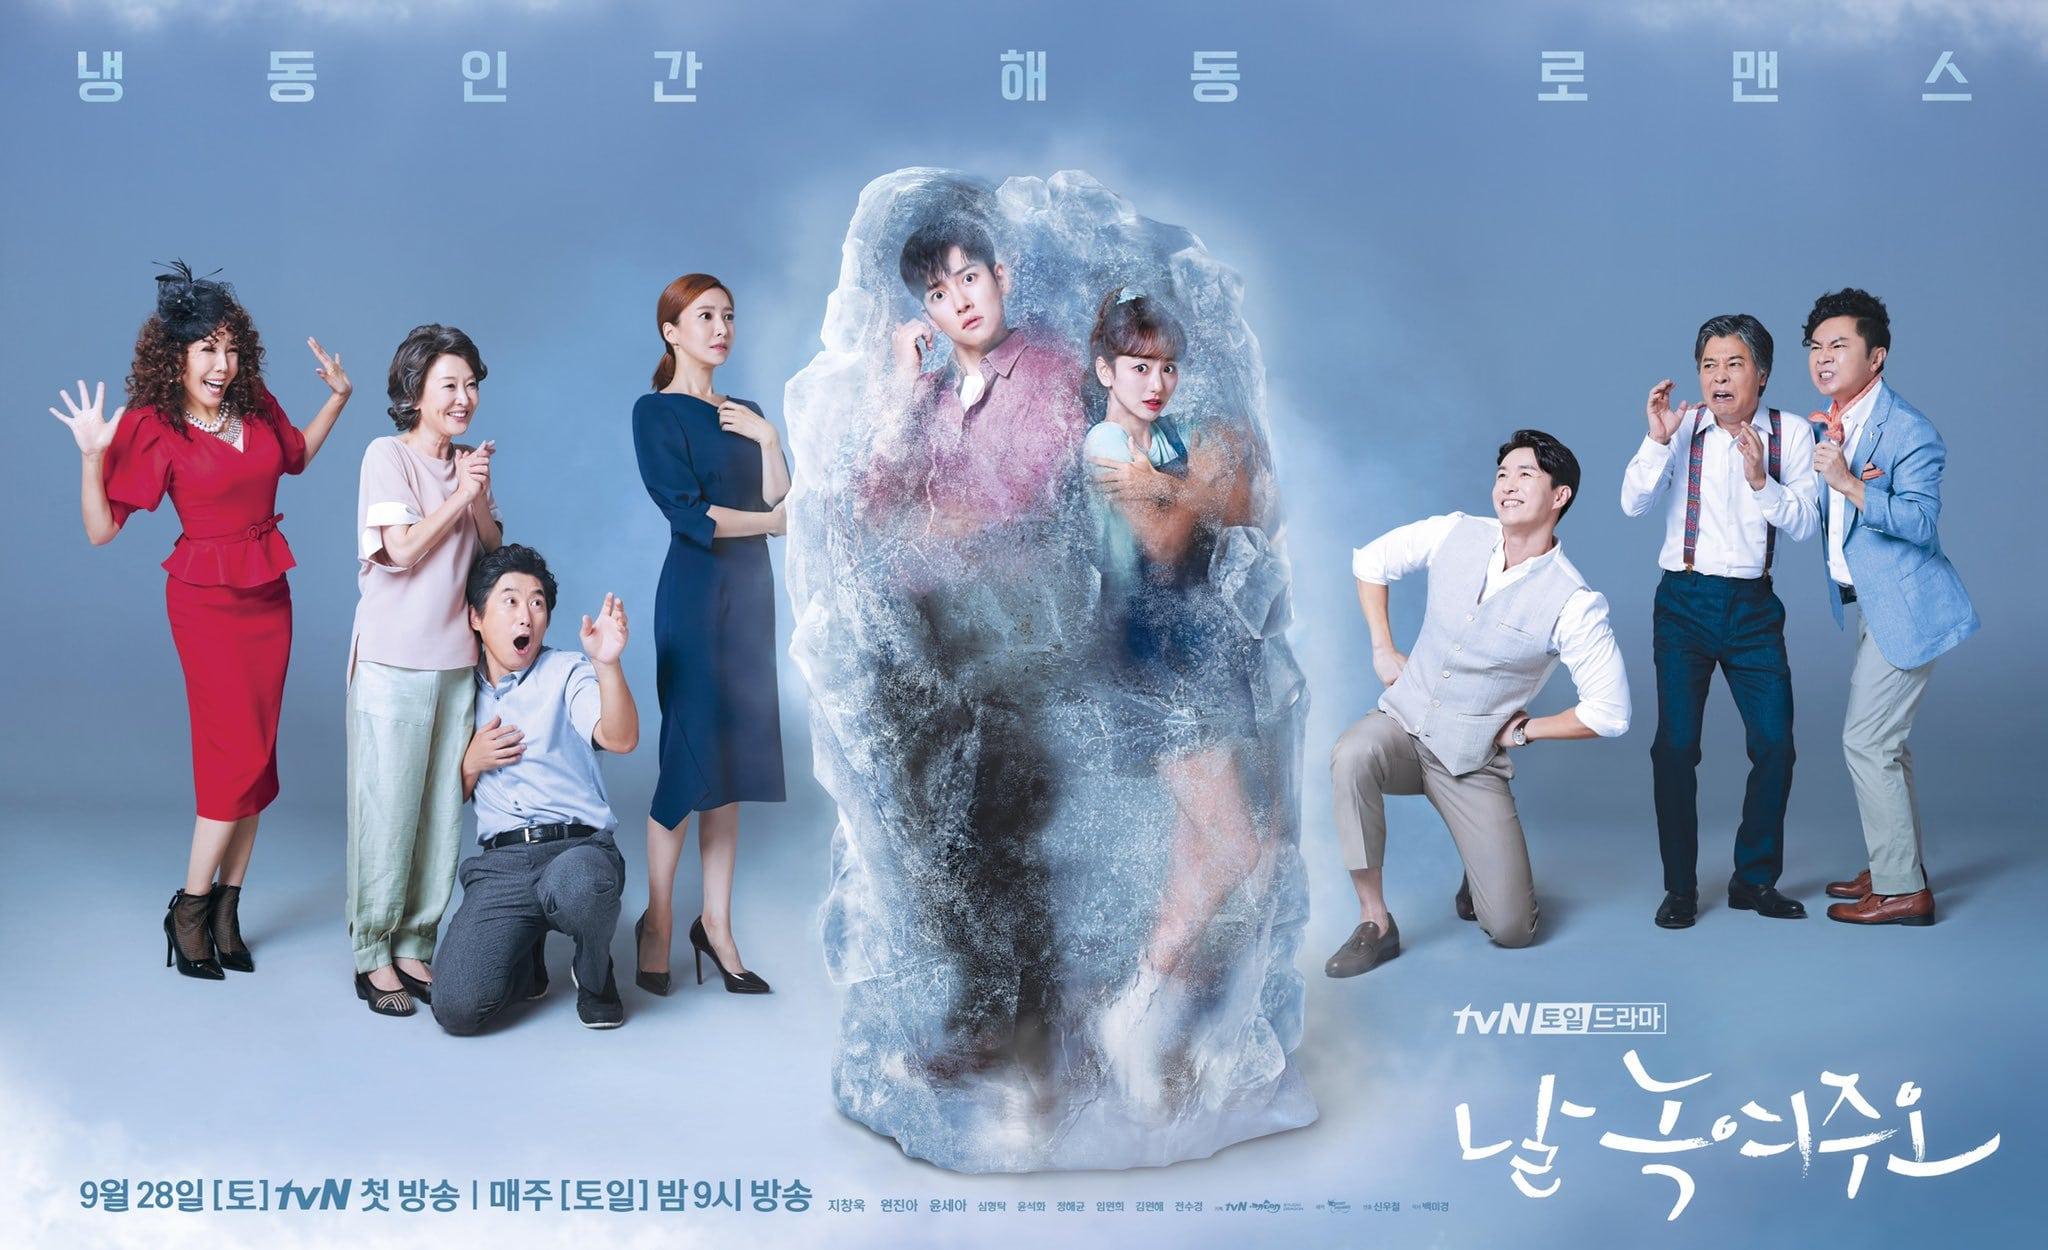 Melting Me Softly: Phim mới của Ji Chang Wook có đề tài mới lạ, hưa hẹn gây bão - Hình 1